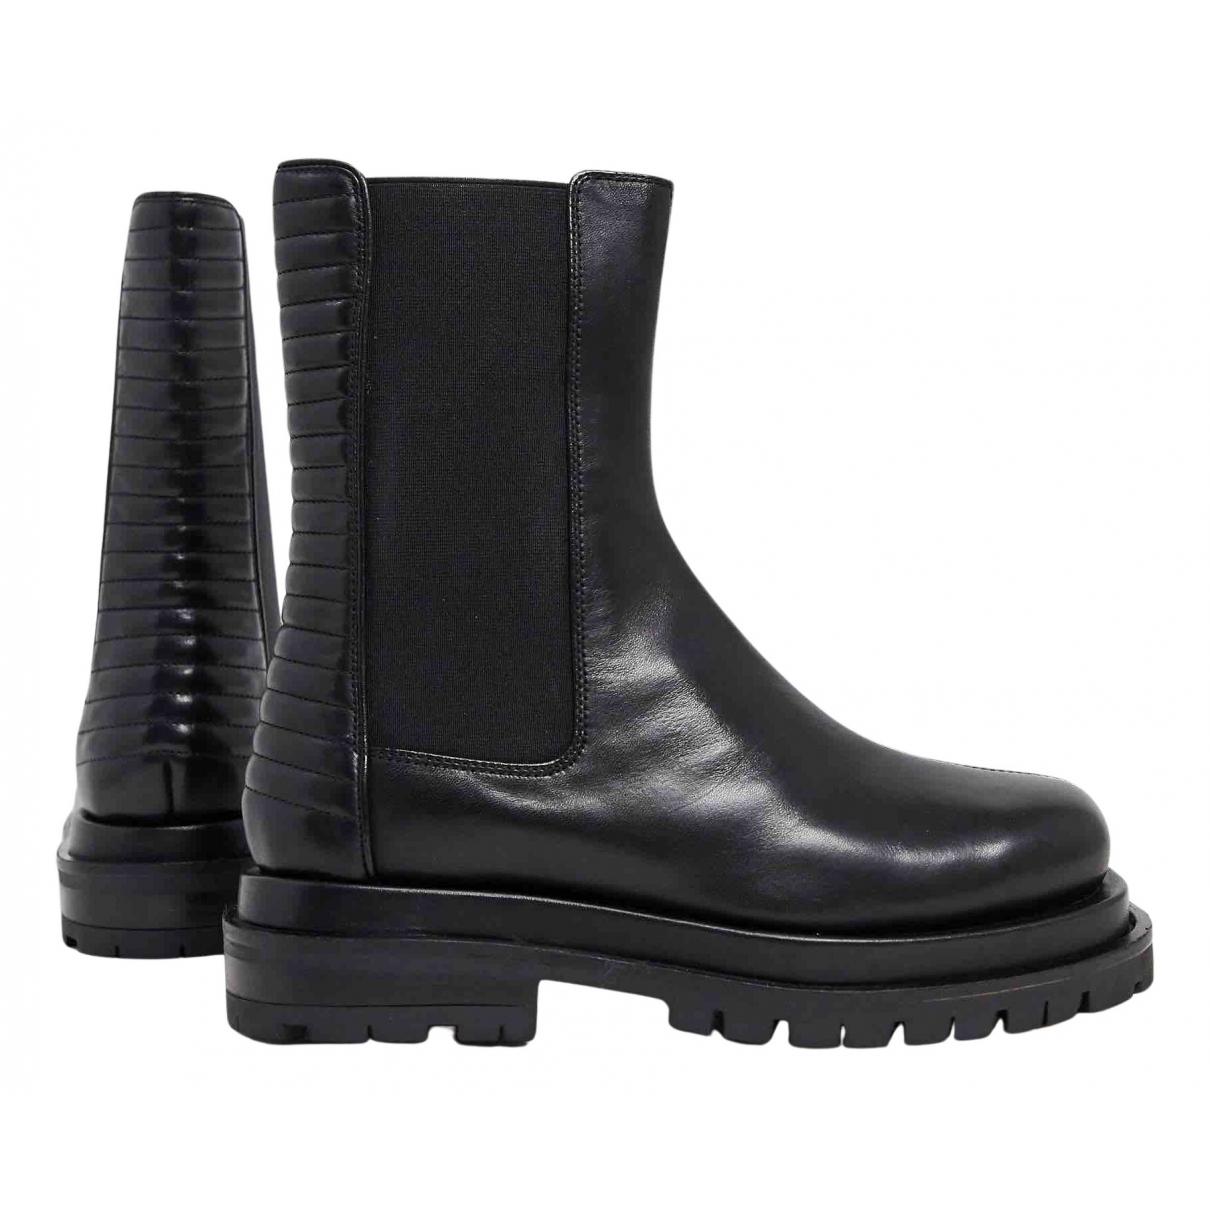 Asos - Bottes   pour femme en cuir - noir